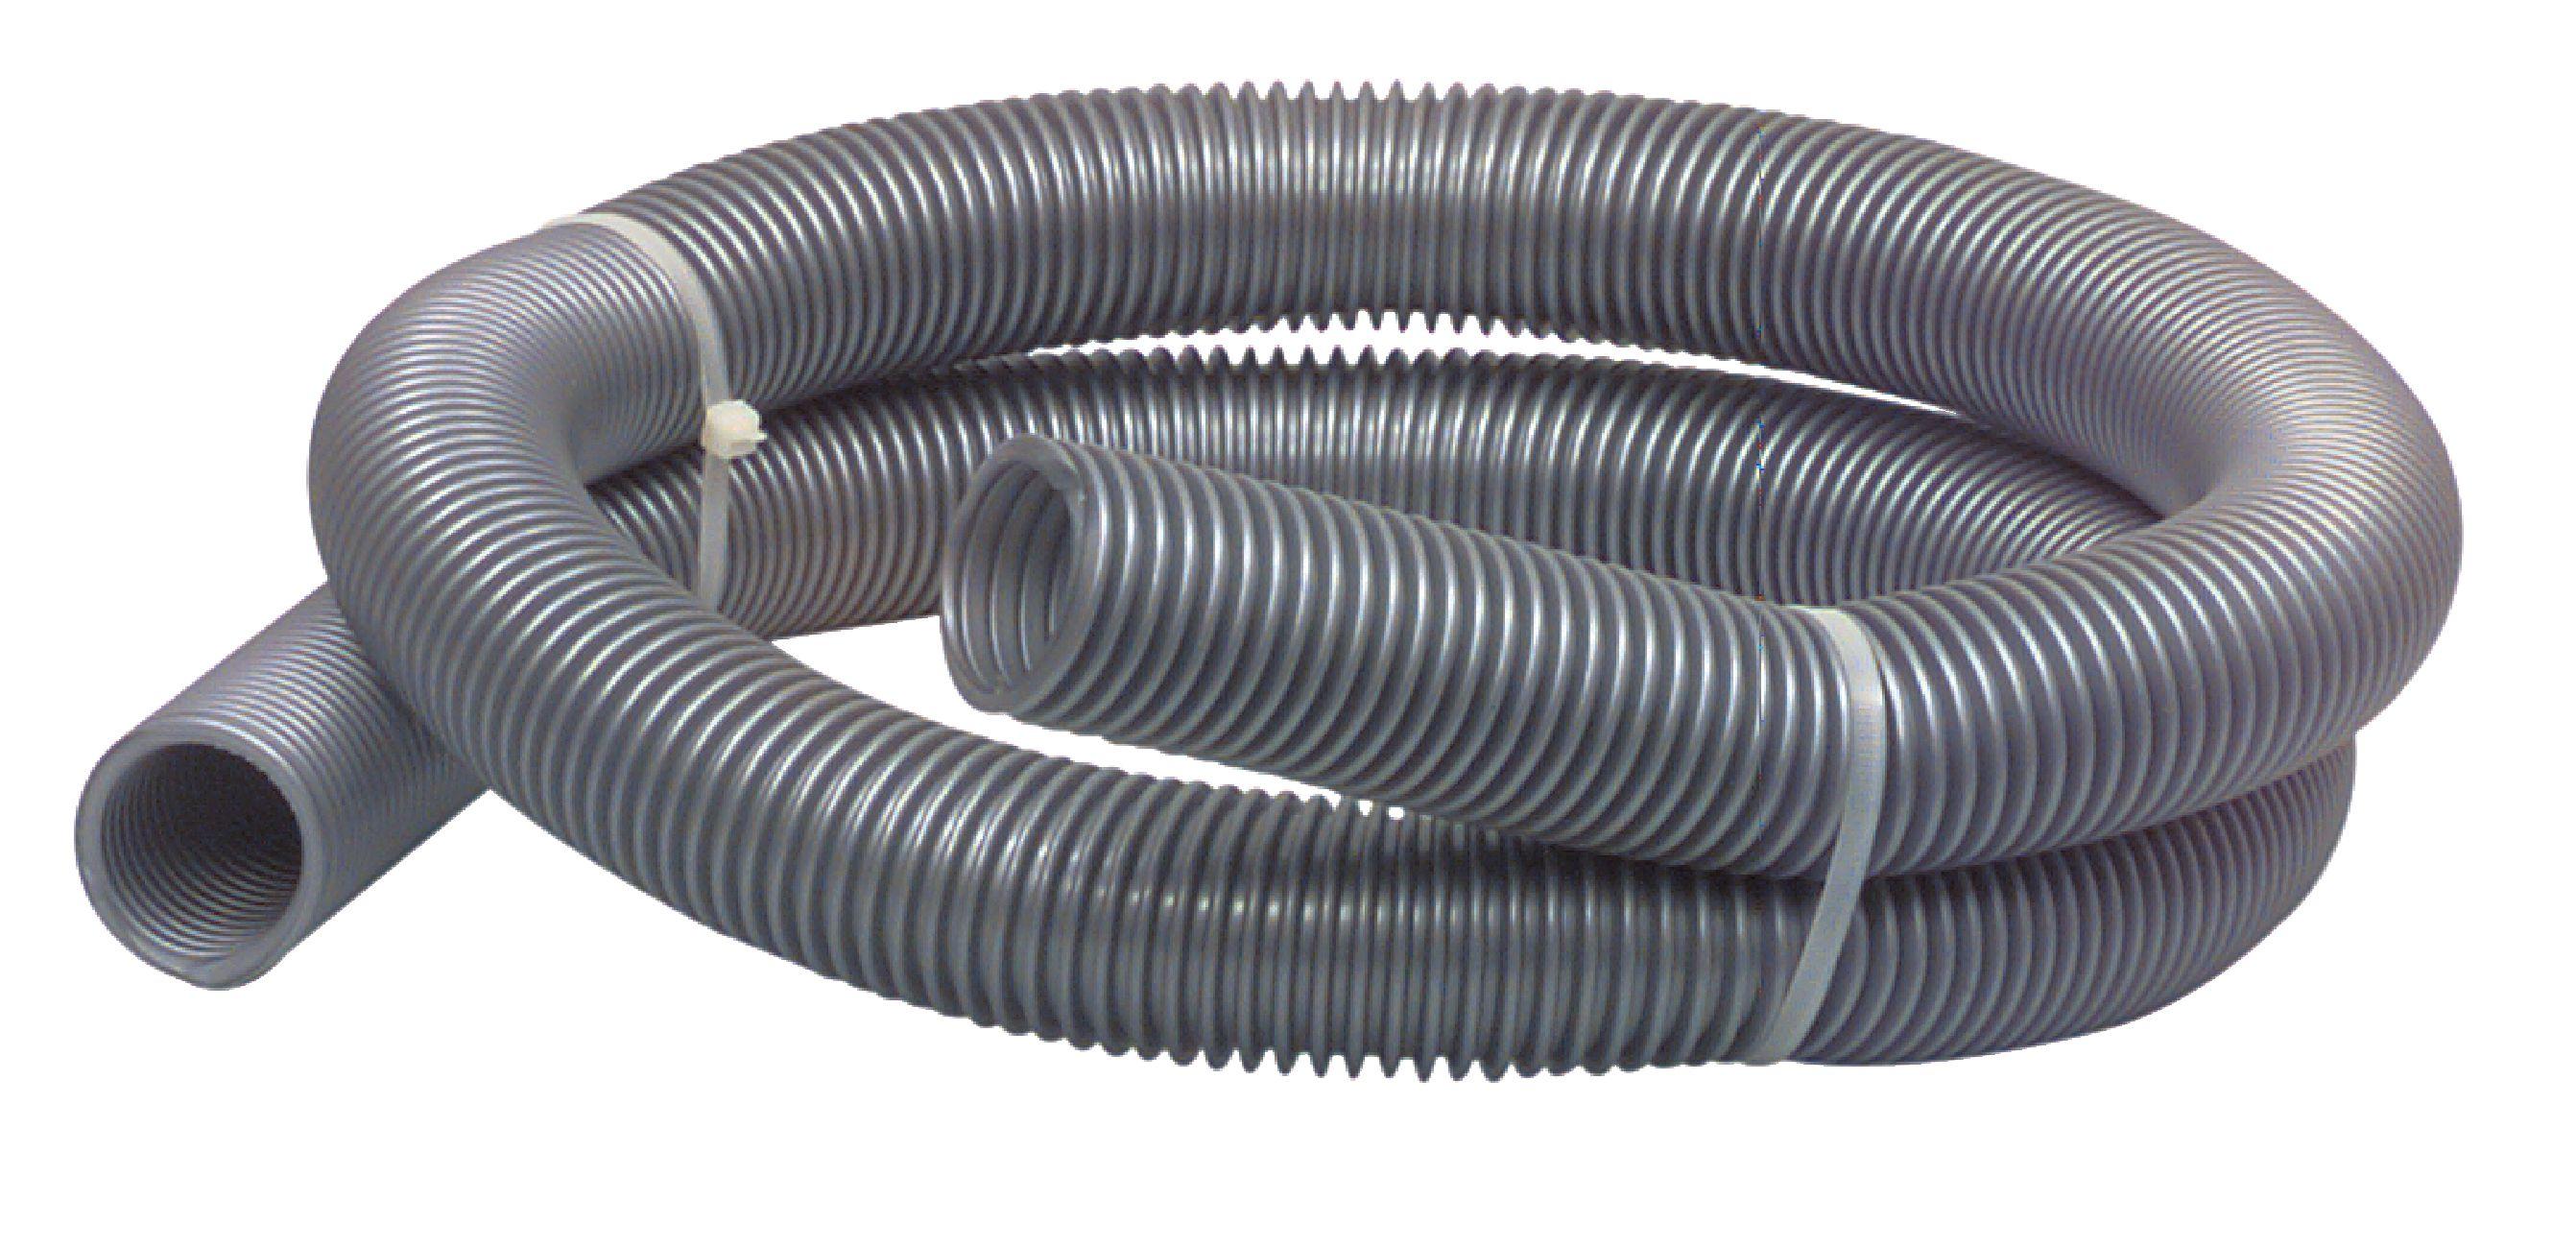 Univerzální sací hadice k vysavači 1.8 m, 32 mm Fixapart W7-86001